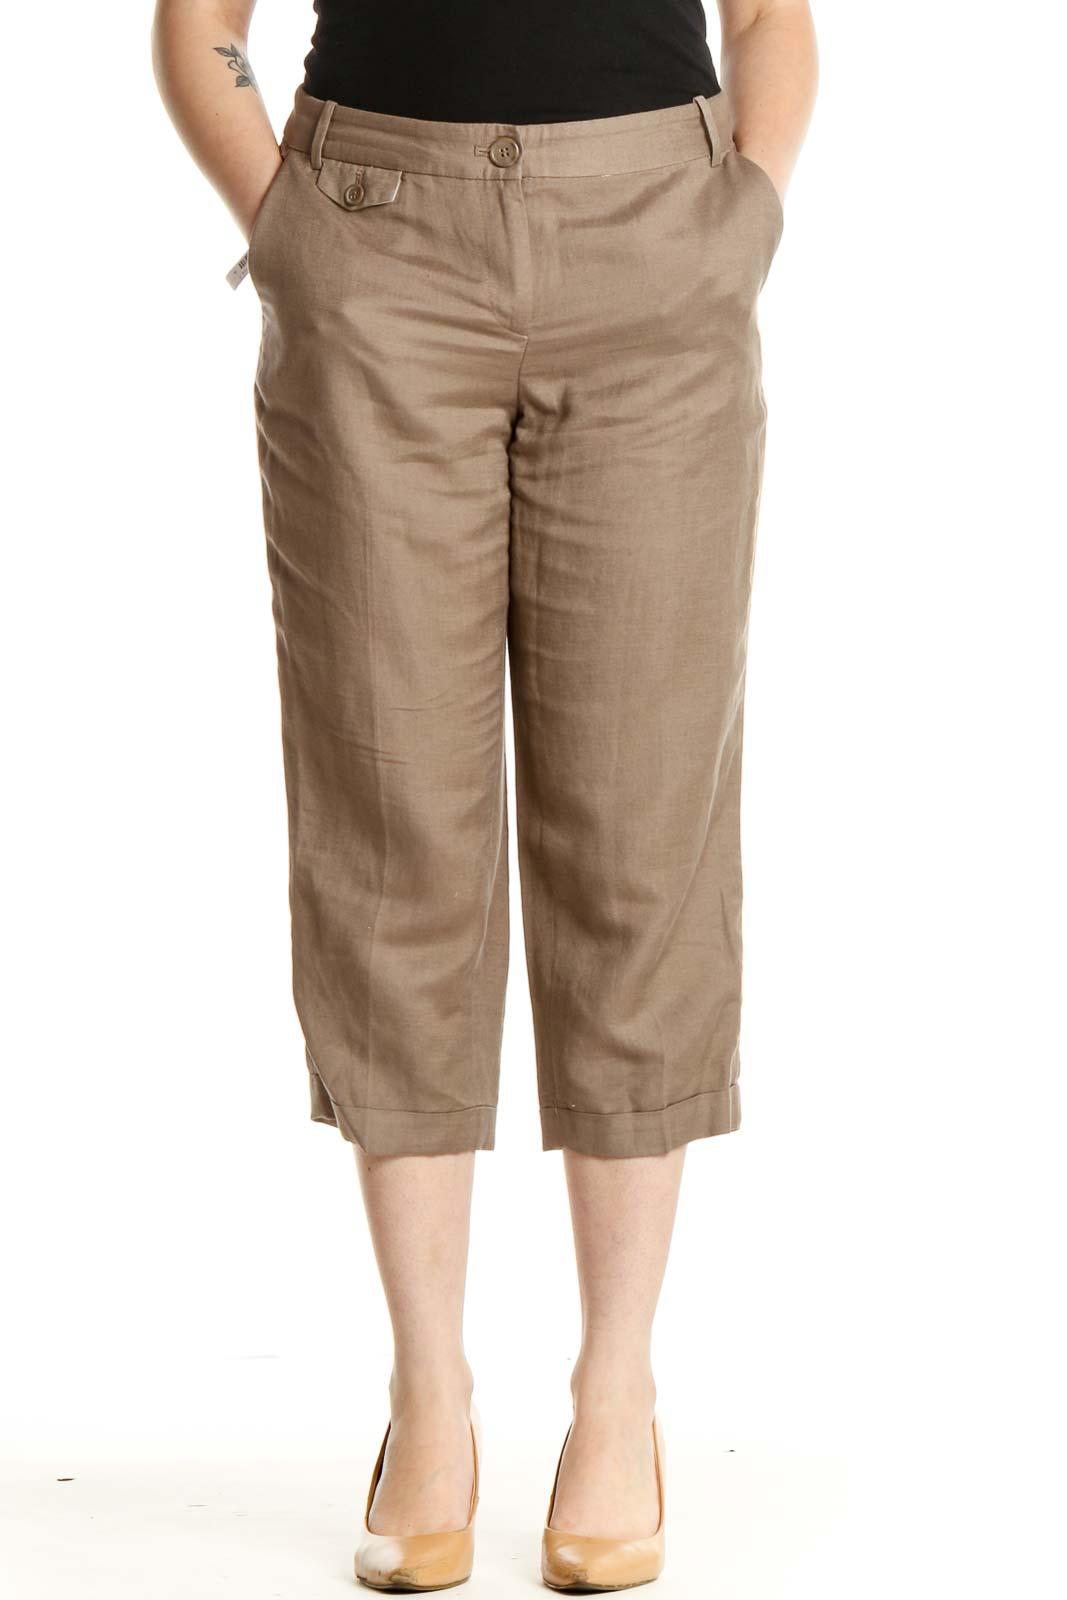 Brown Casual Capri Pants Front